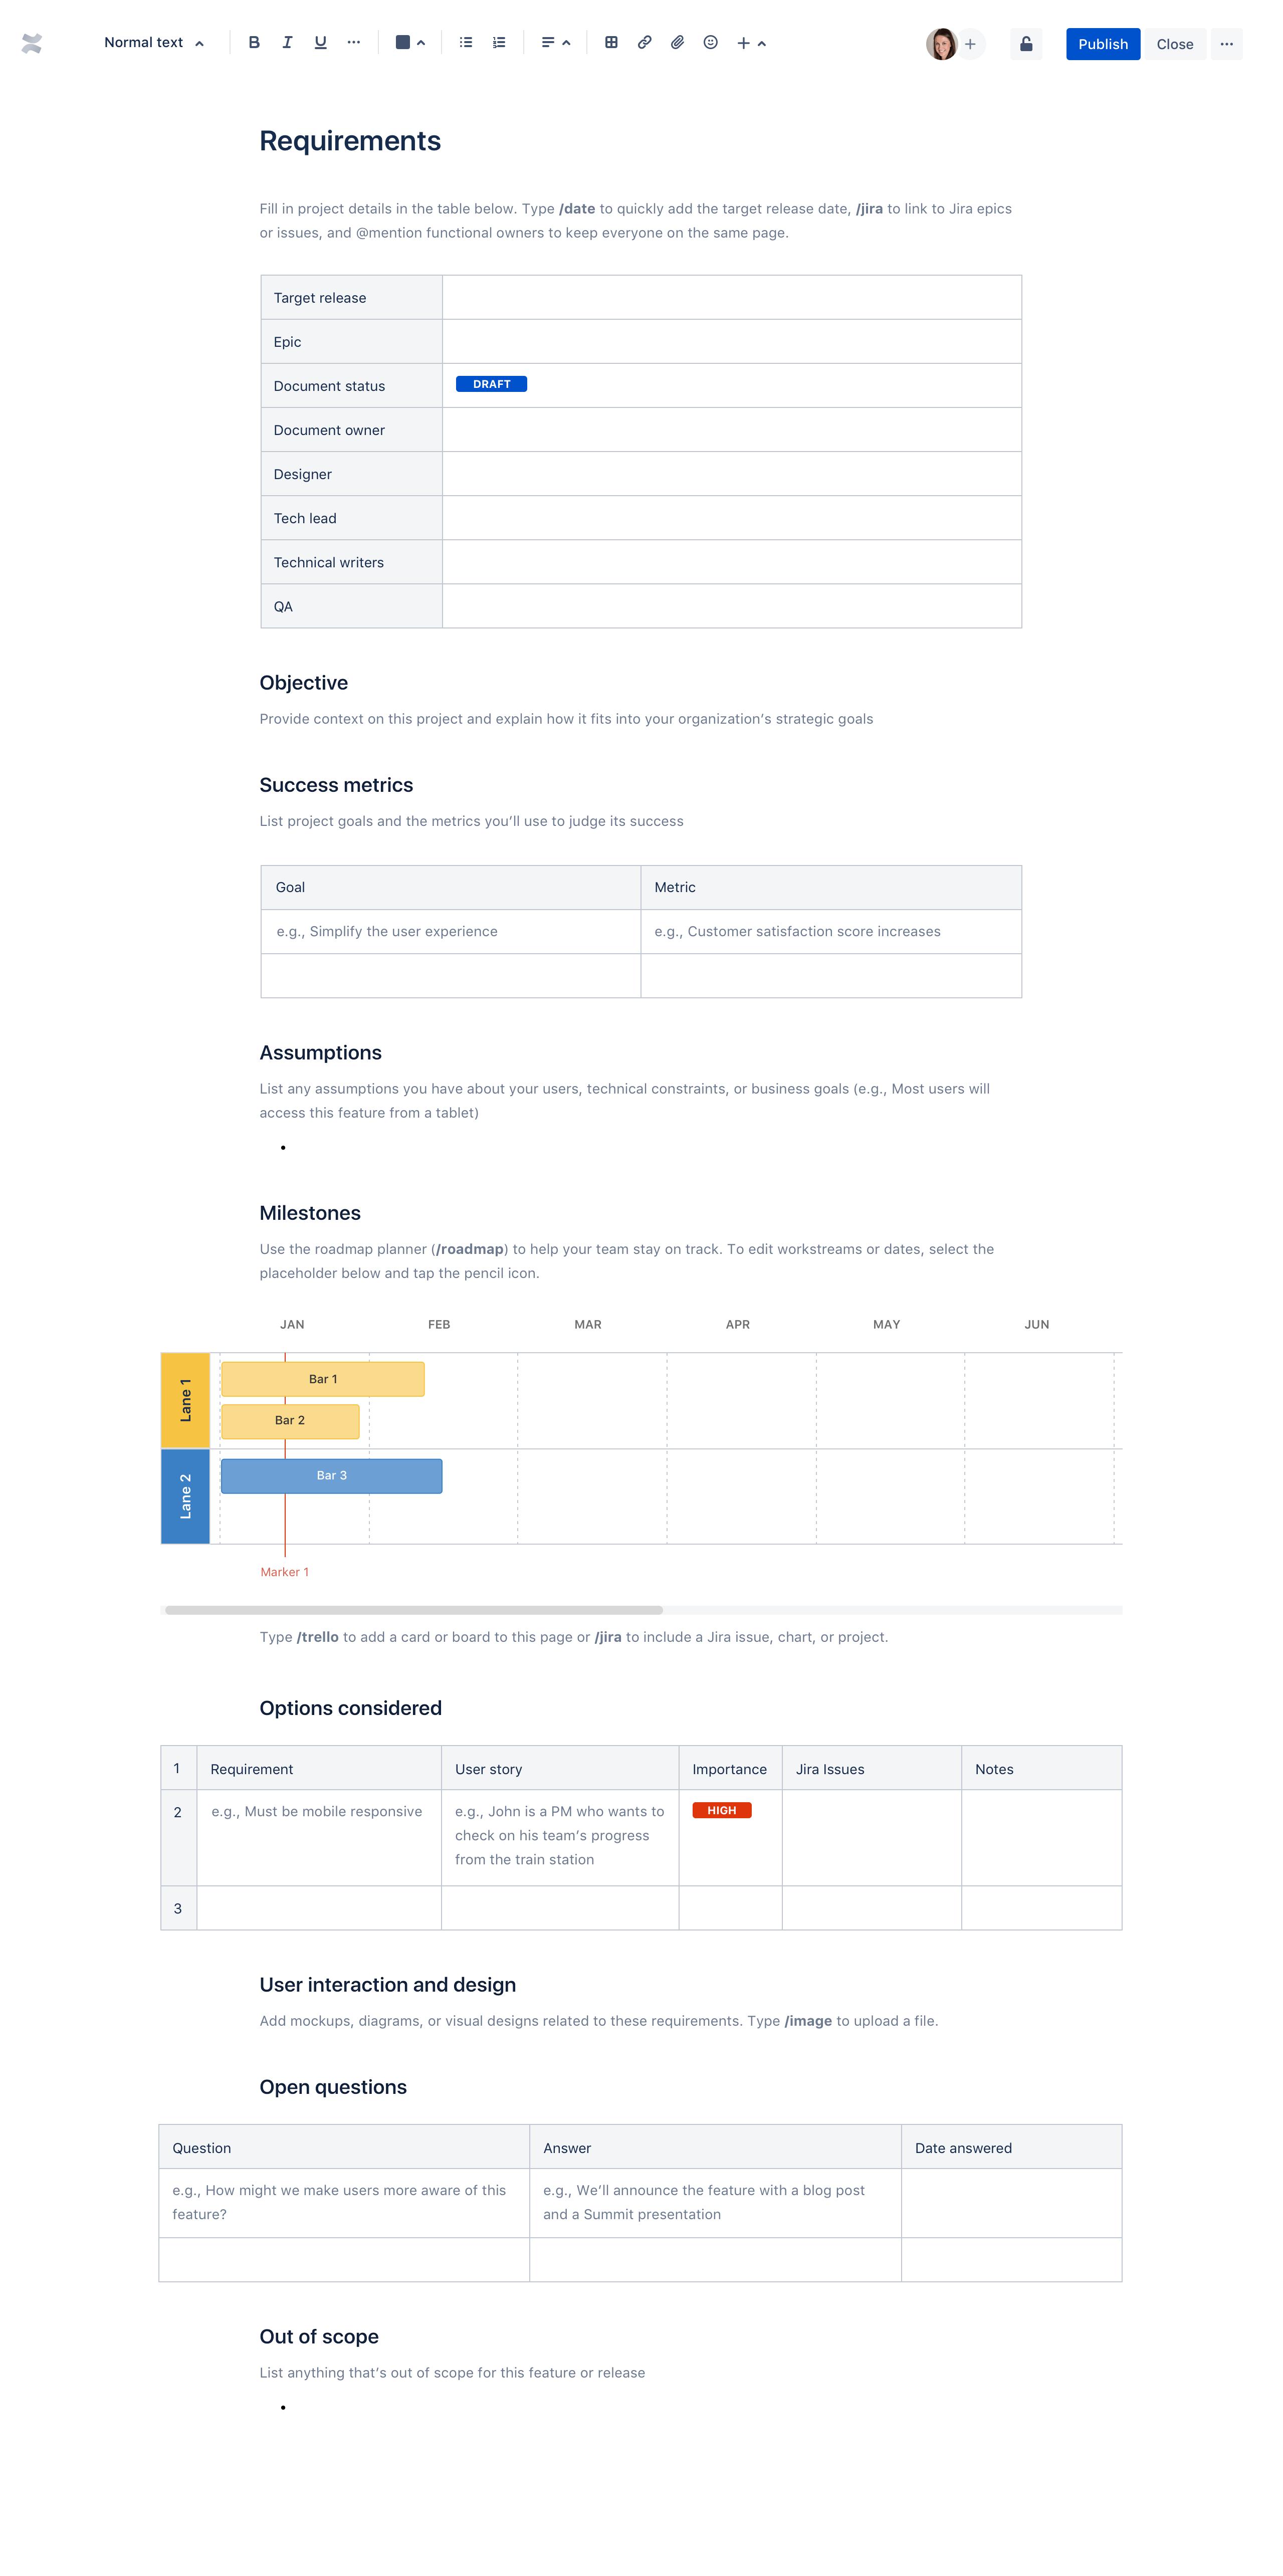 Шаблон документа с требованиями к продукту